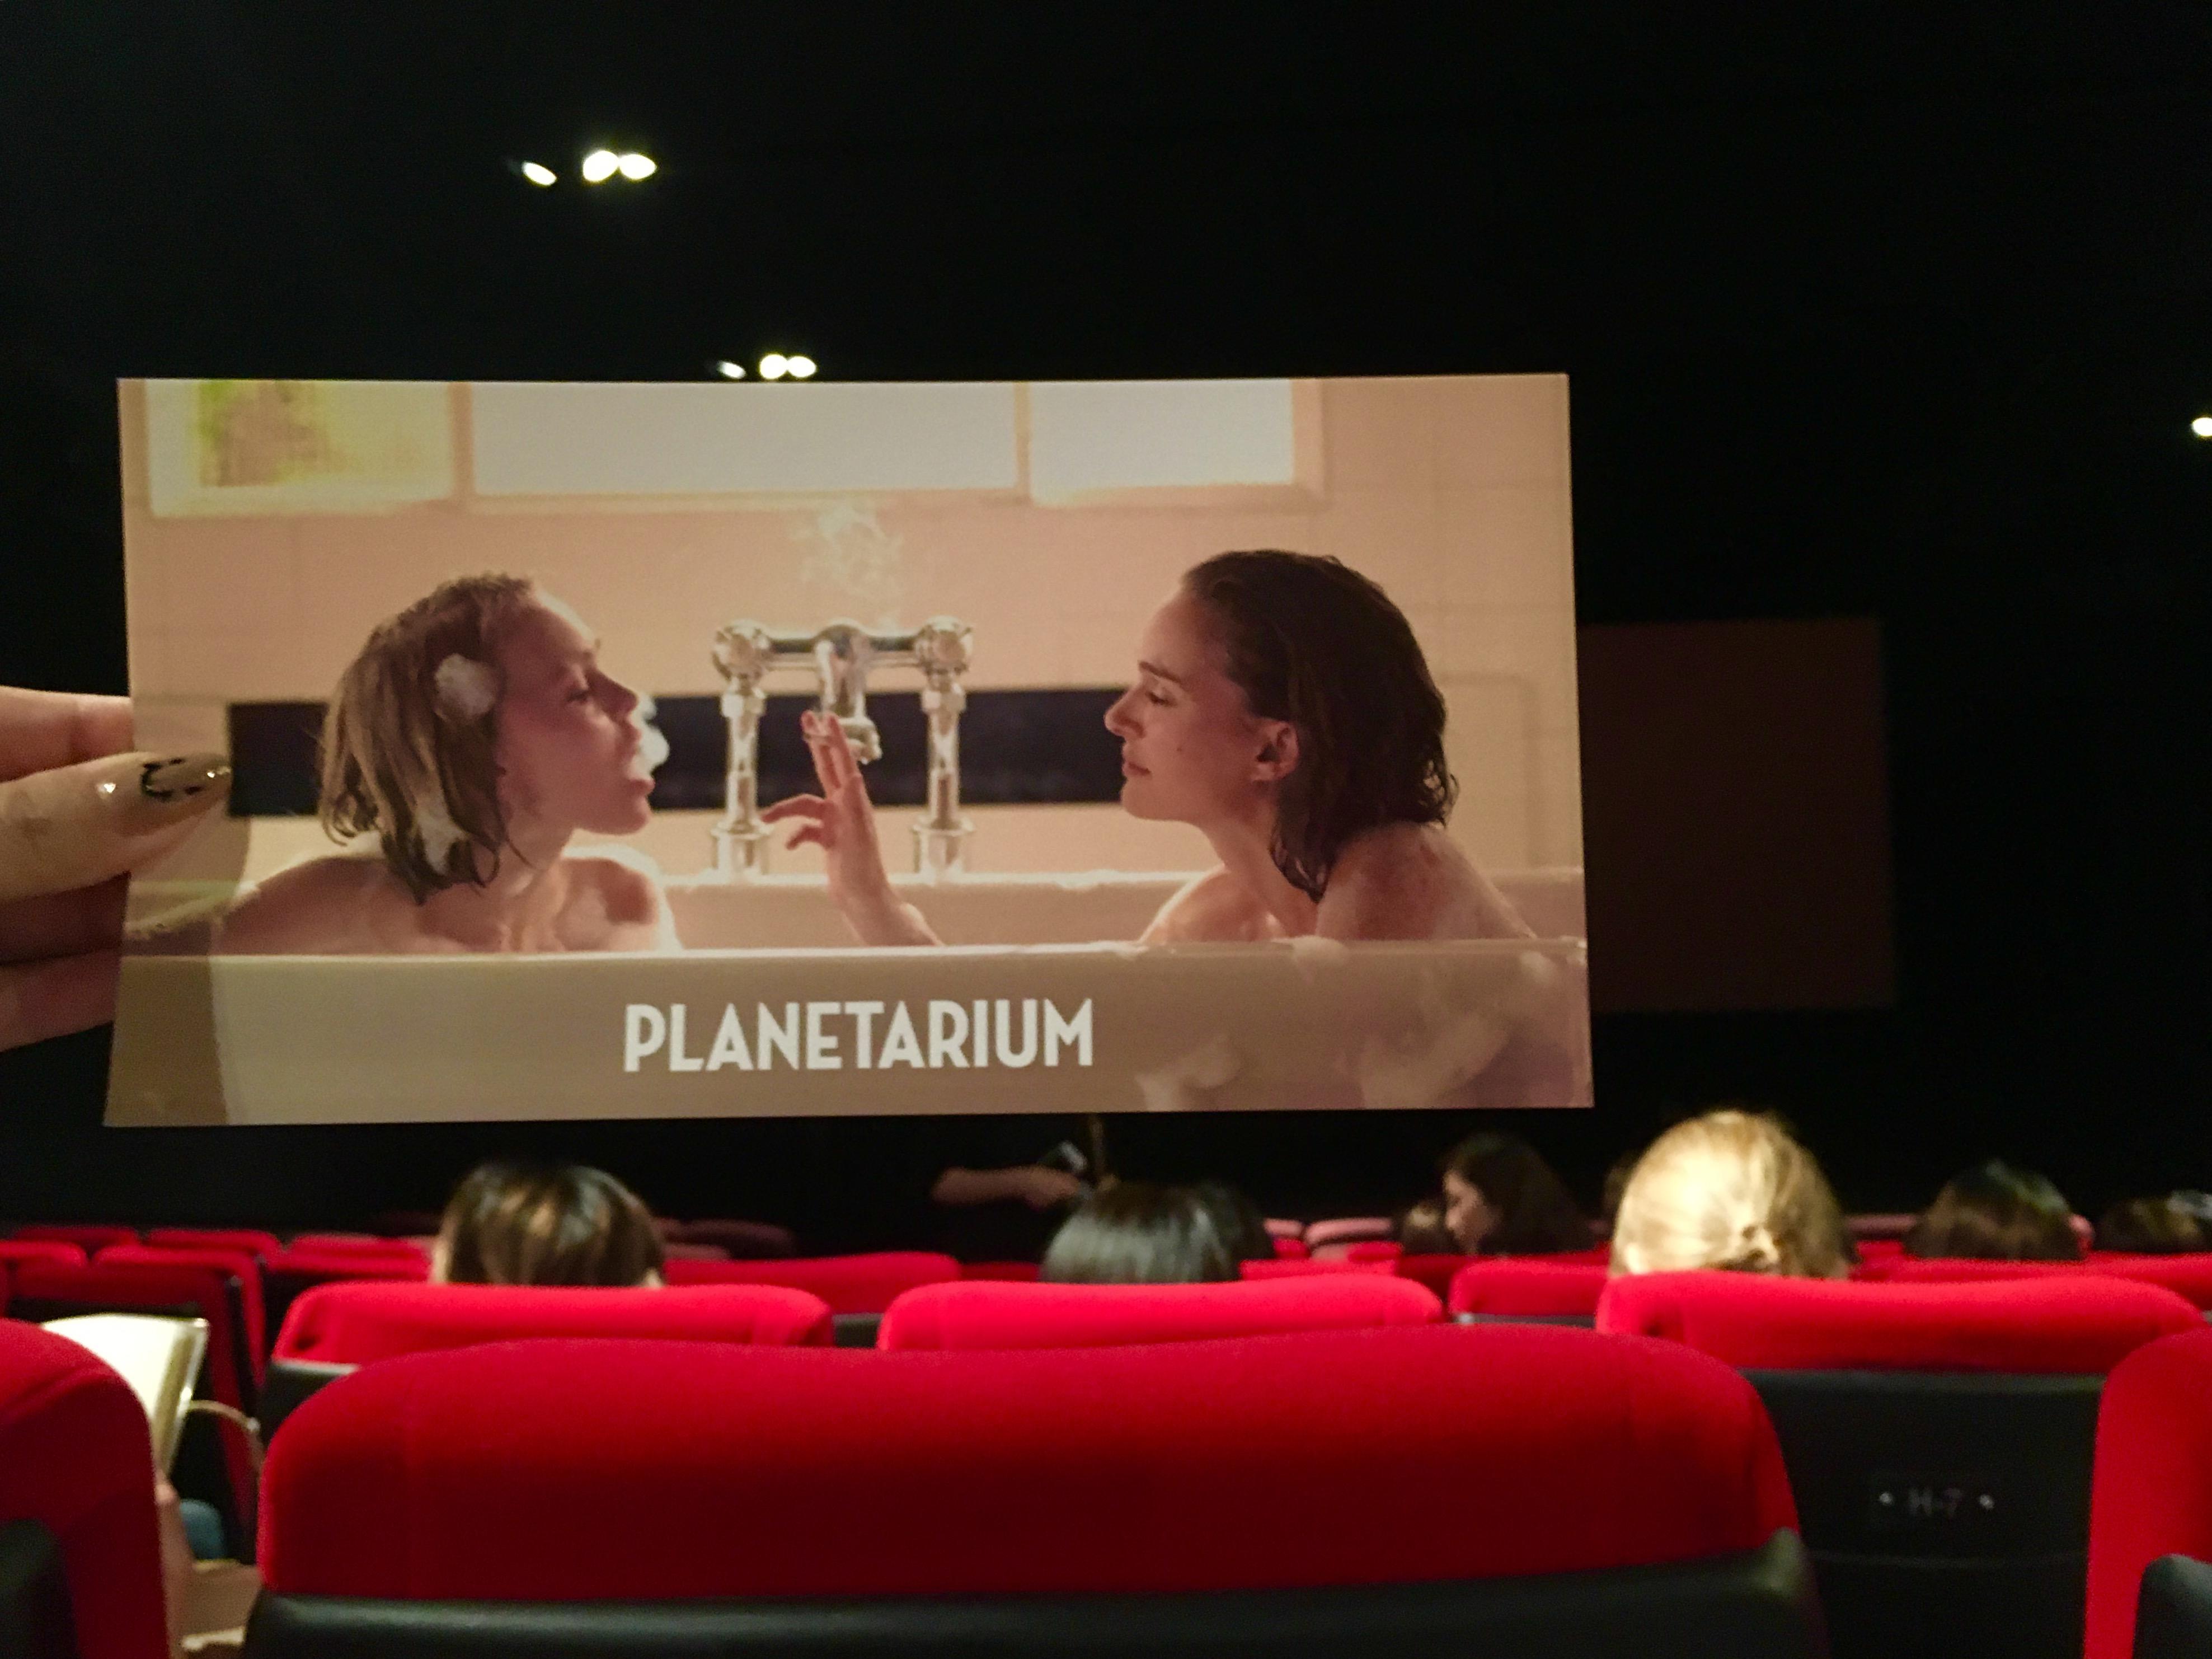 【まとめ】映画 『プラネタリウム』 感想と知っておくべきバックグランド